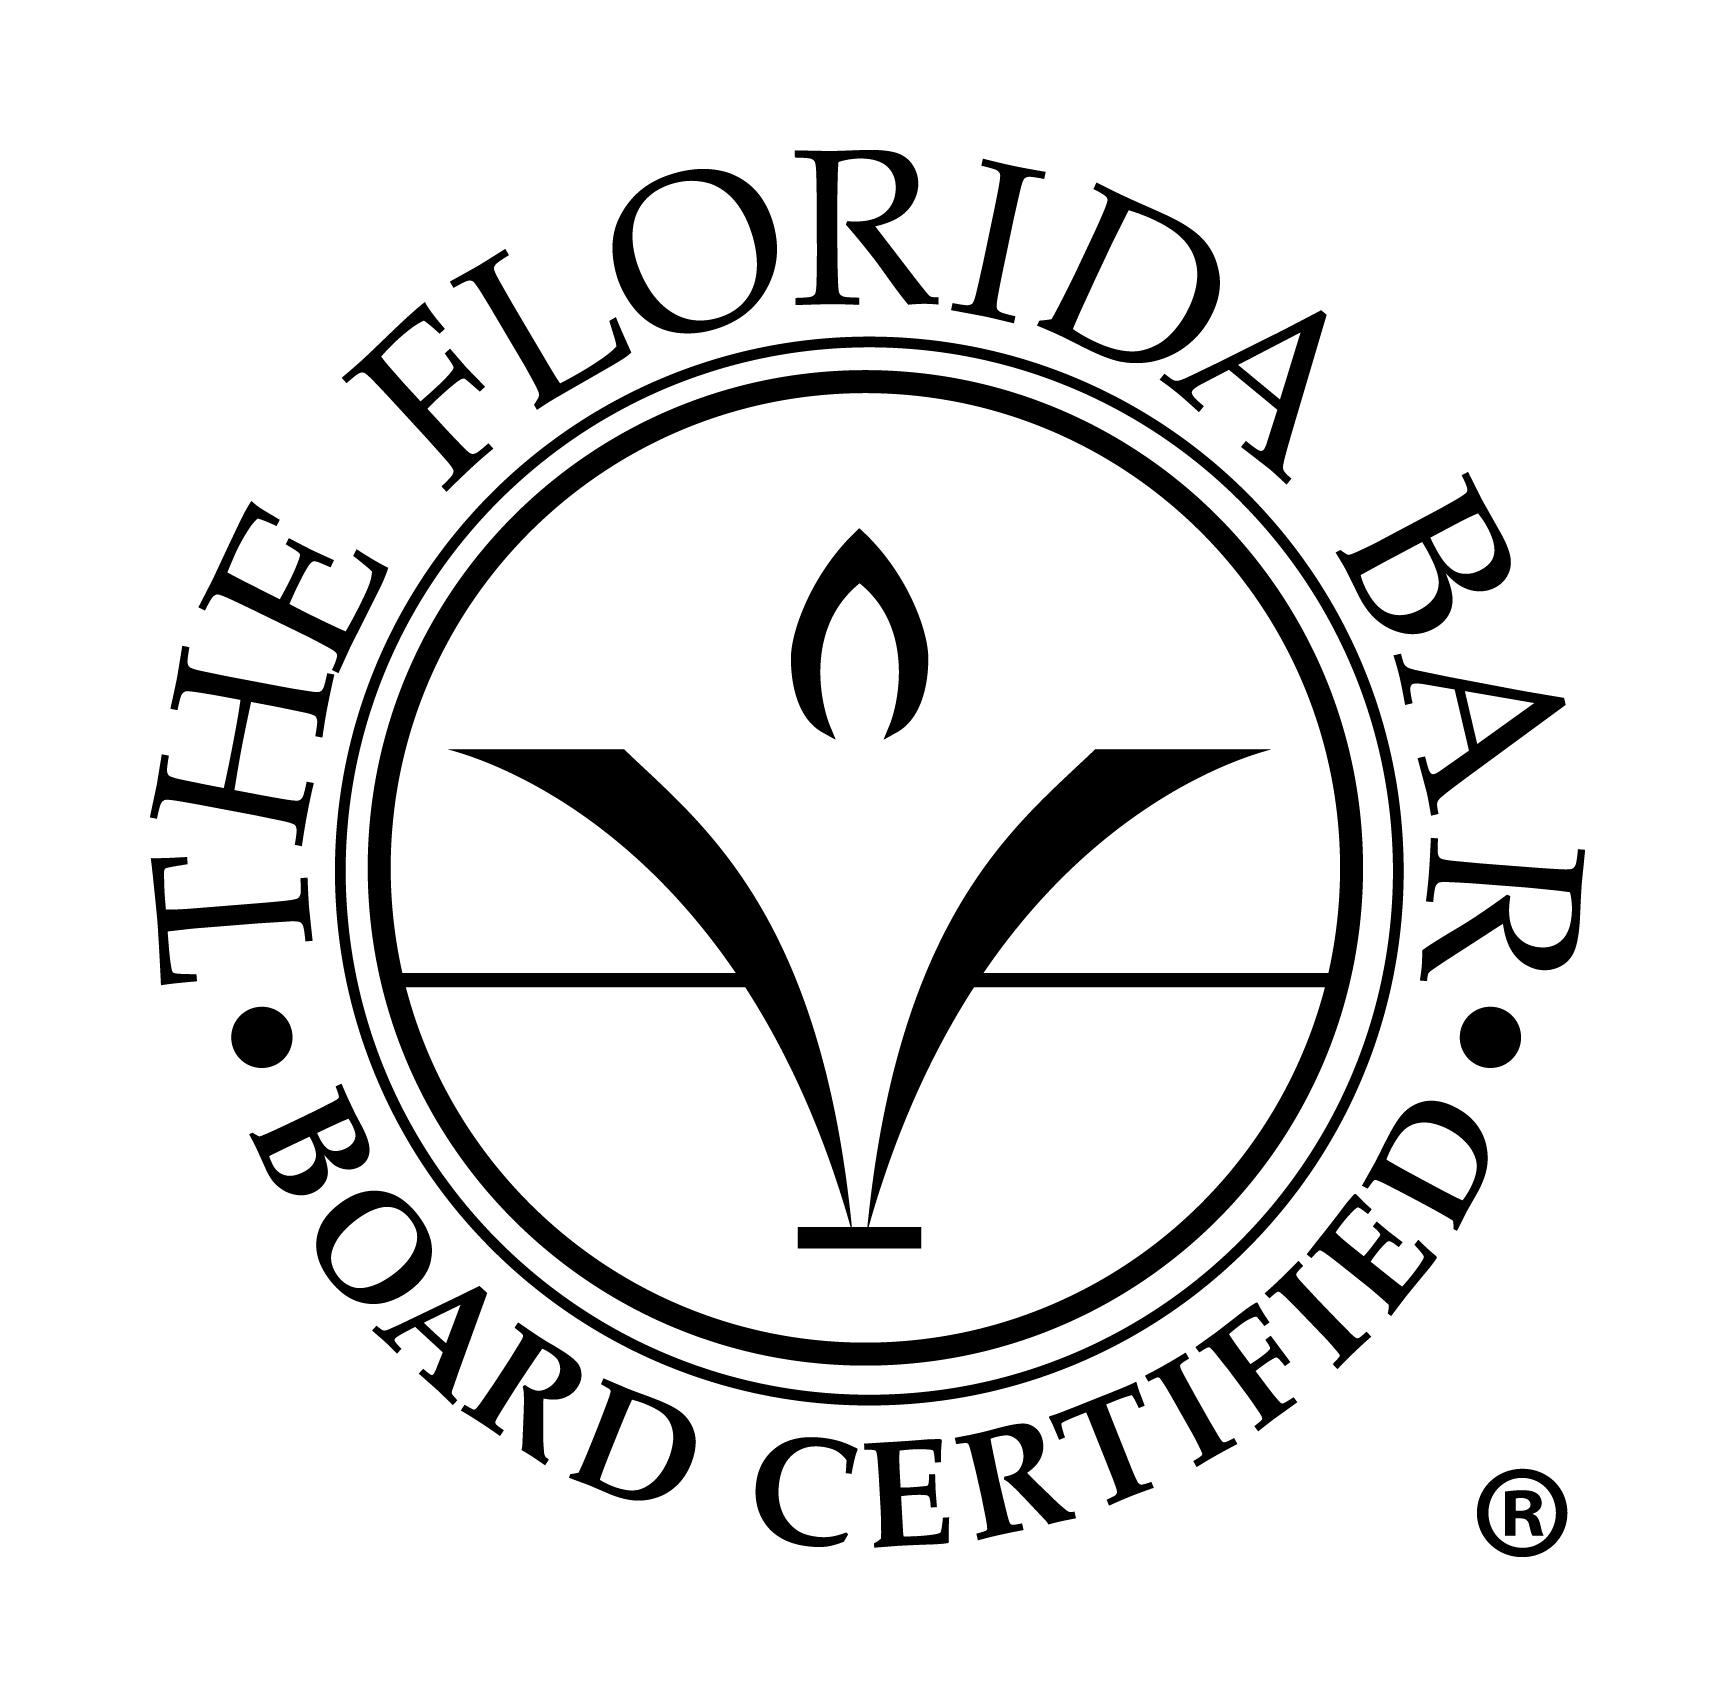 Fla Bar Board Cert Logo (R).jpg